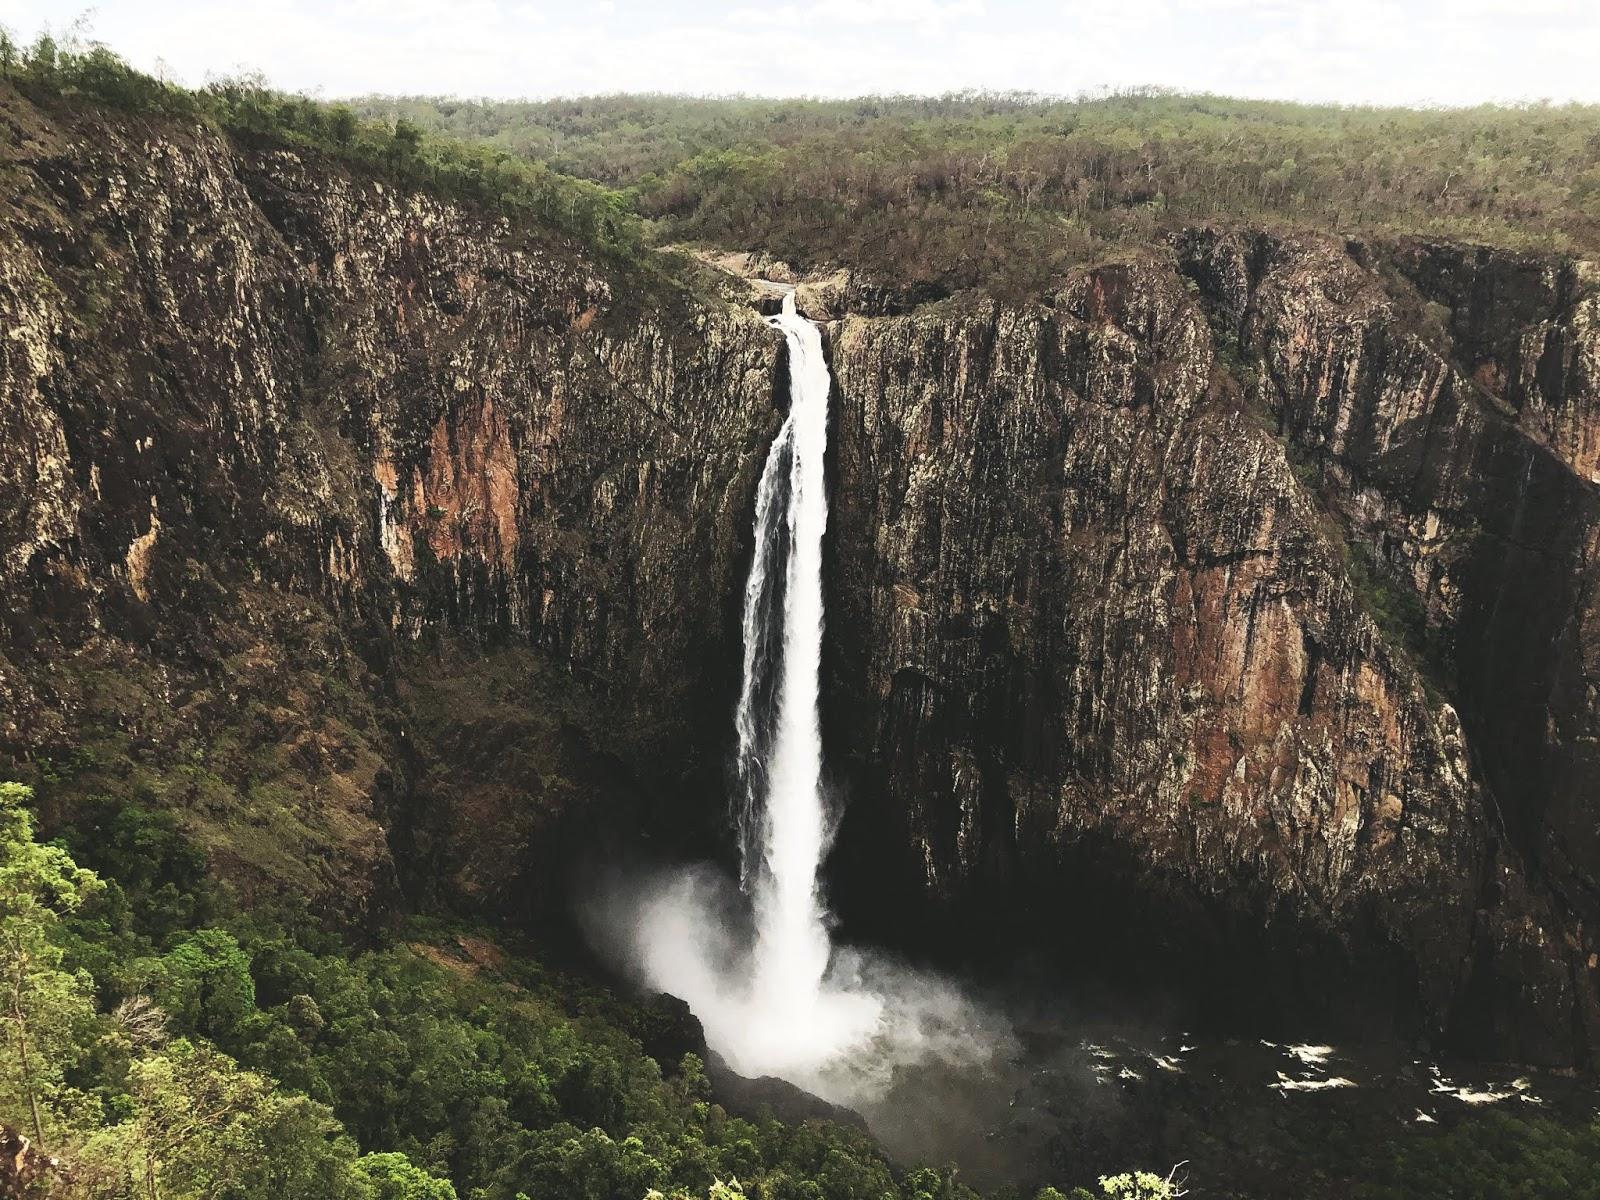 Wodospad Wallaman Falls z góry. Wysoki wodospad spadnie z wysokiej skarpy, na której rośnie las deszczowy